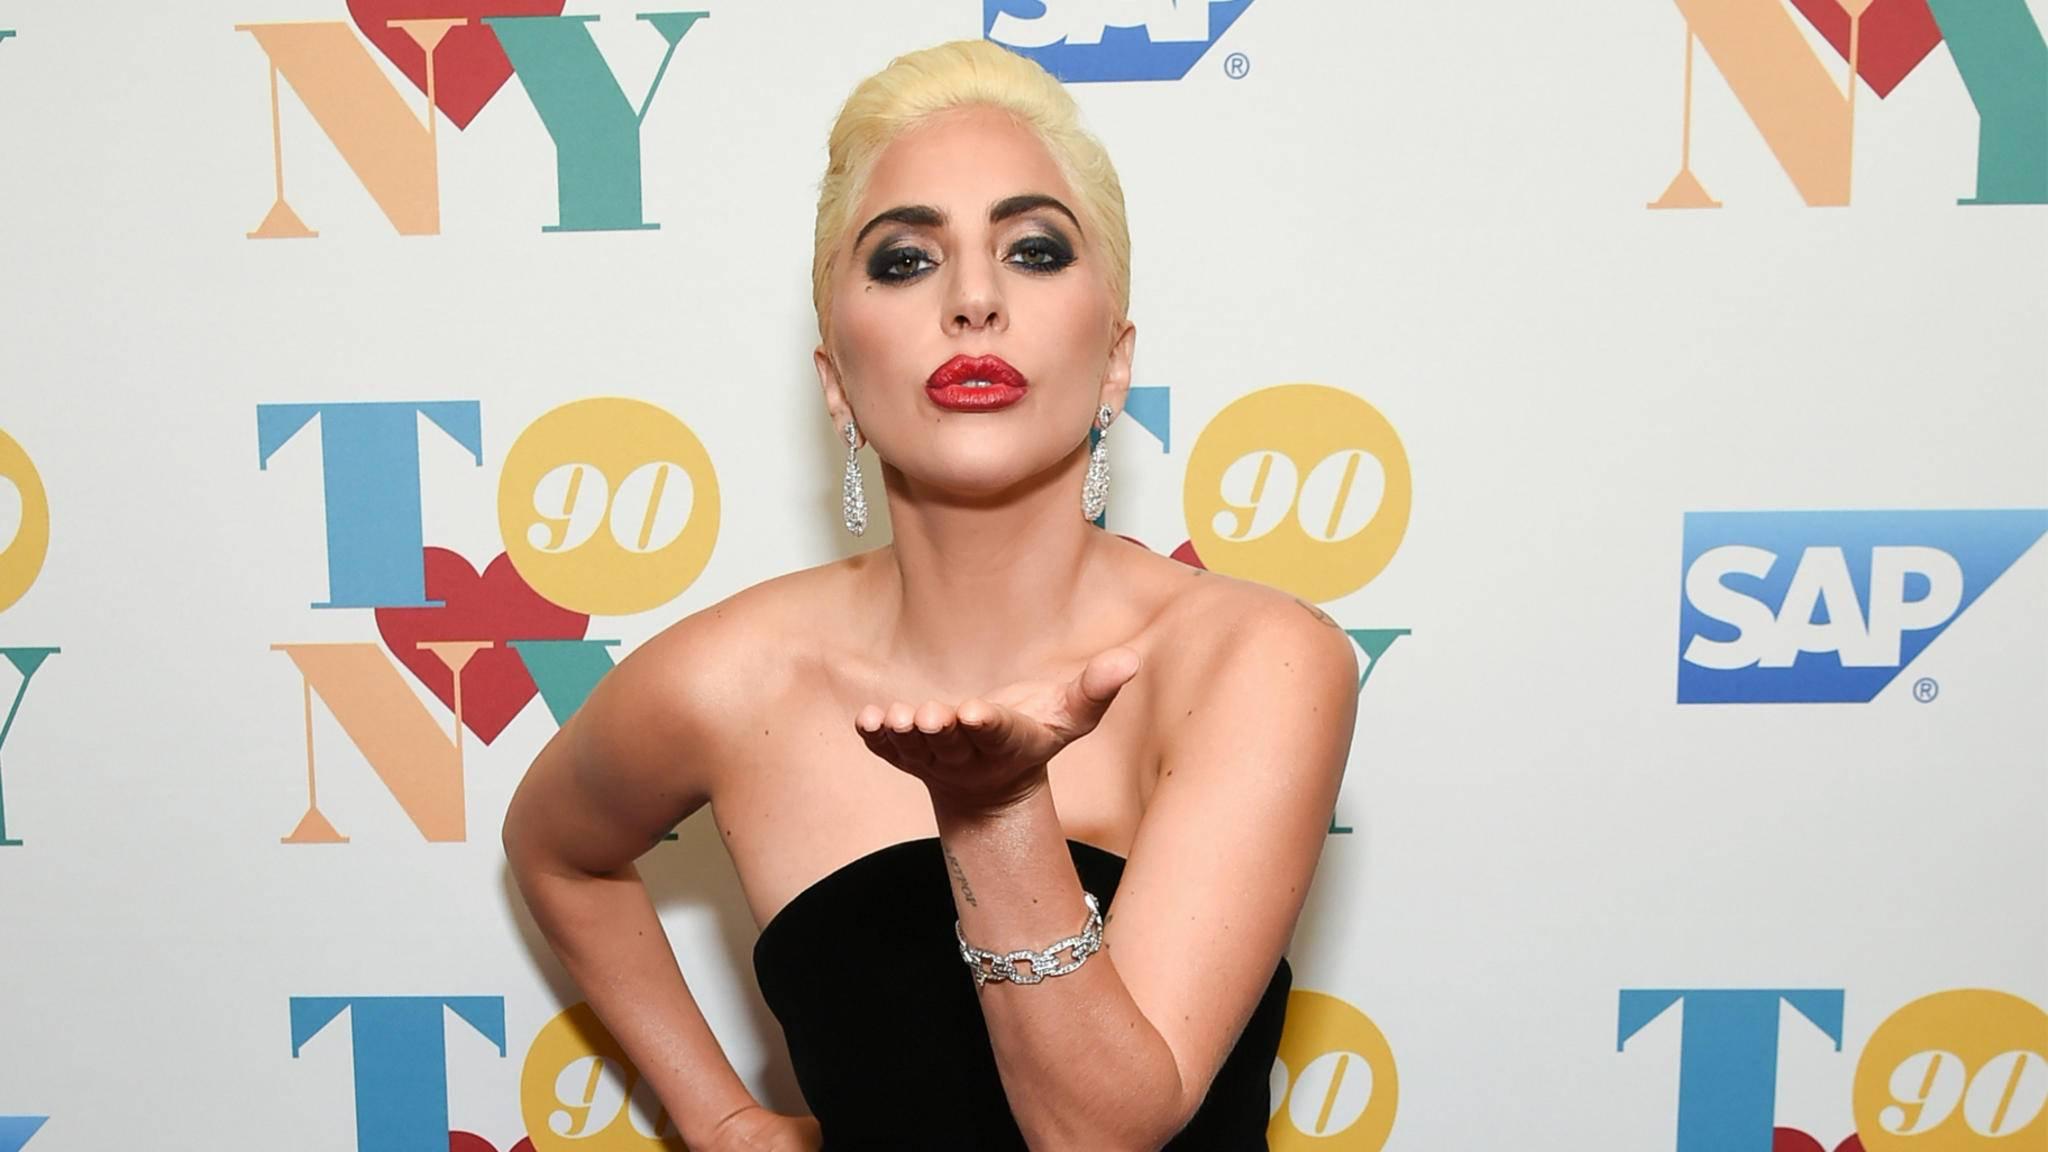 Manche Musiker konnten nie wirklich an den Erfolg ihres ersten Albums anknüpfen. Stilikone Lady Gaga gehört dazu.